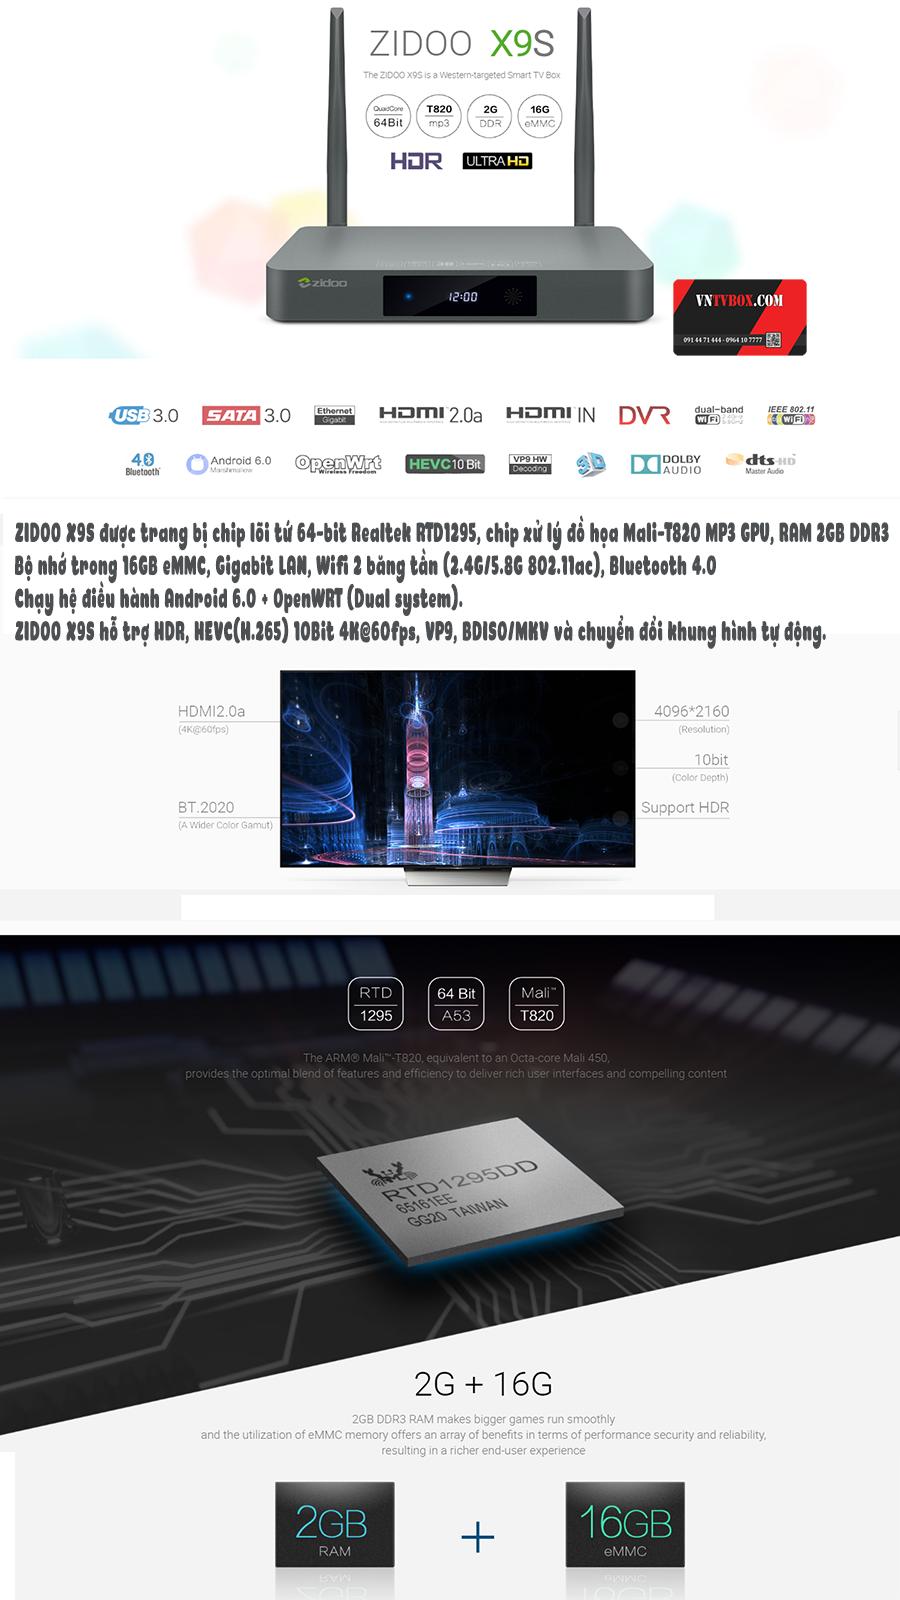 ZIDOO X9S Android TV Box cấu hình mạnh mẽ hệ điều hành 6.0